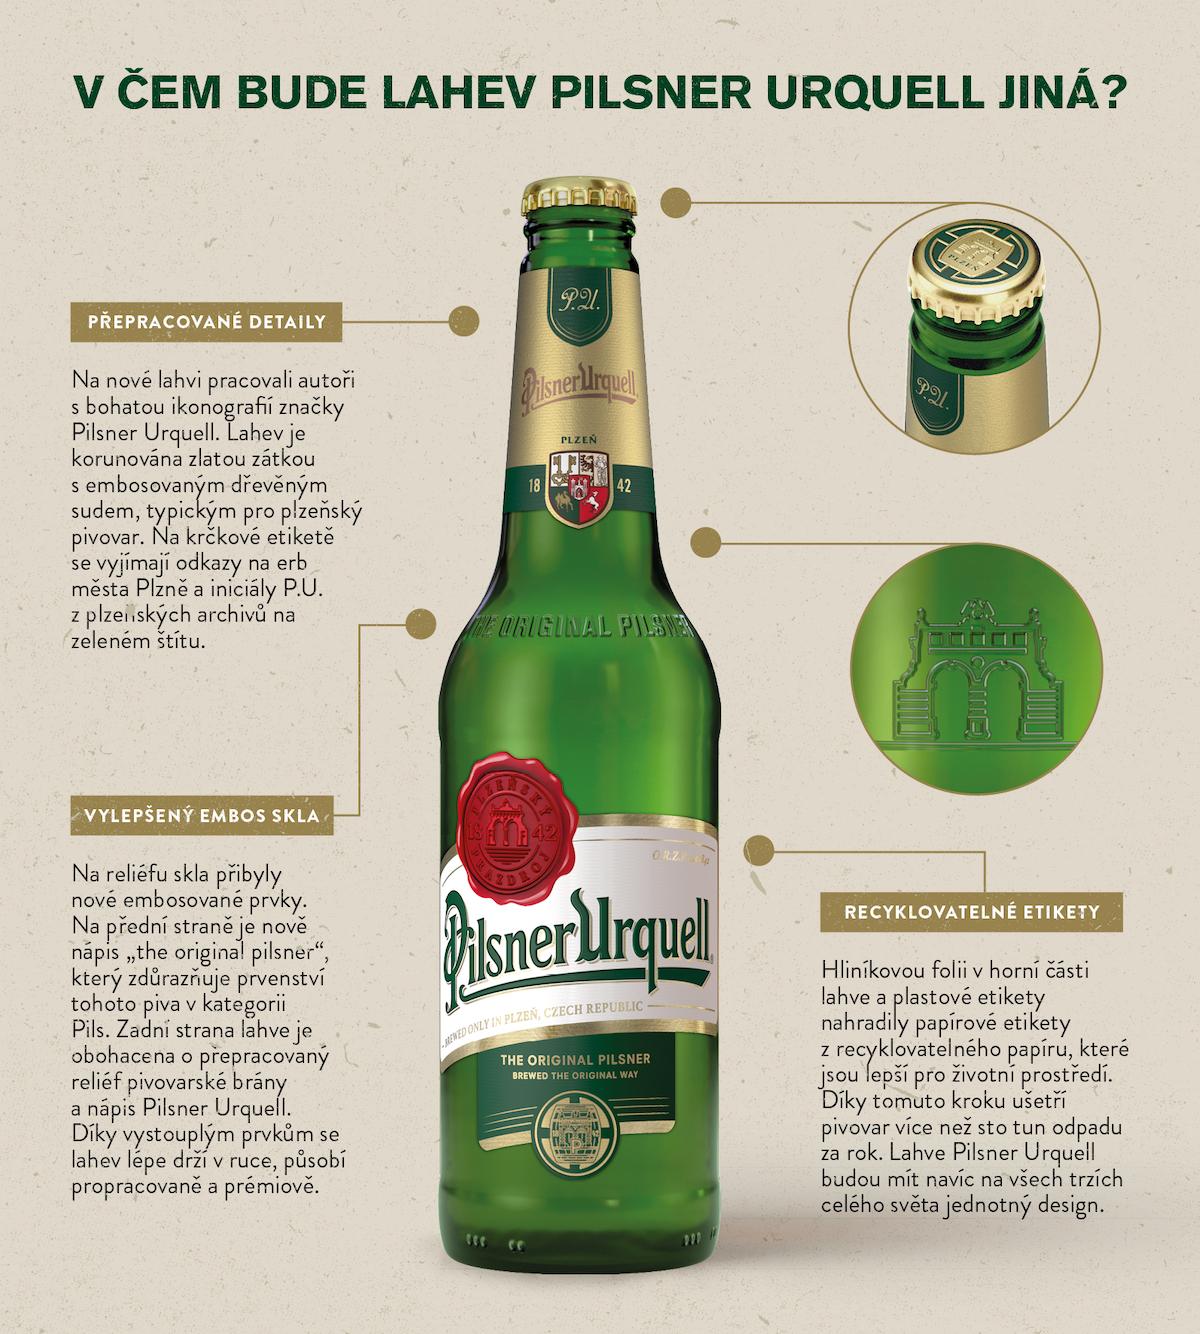 Nová lahev Pilsner Urquell